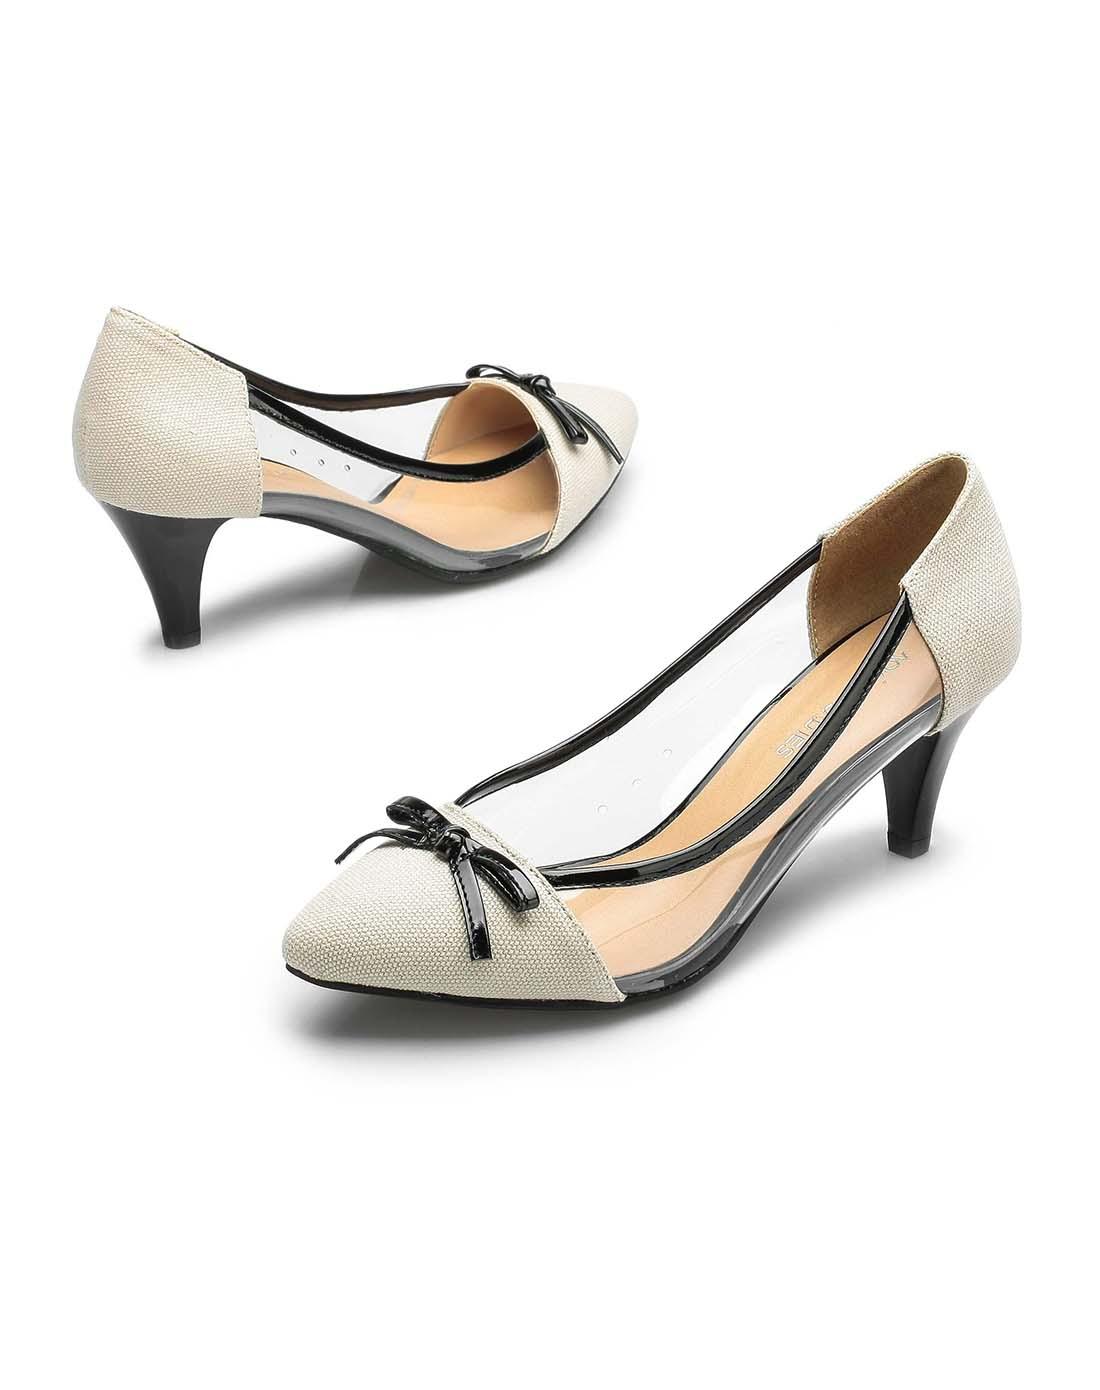 甜美可爱休闲单鞋